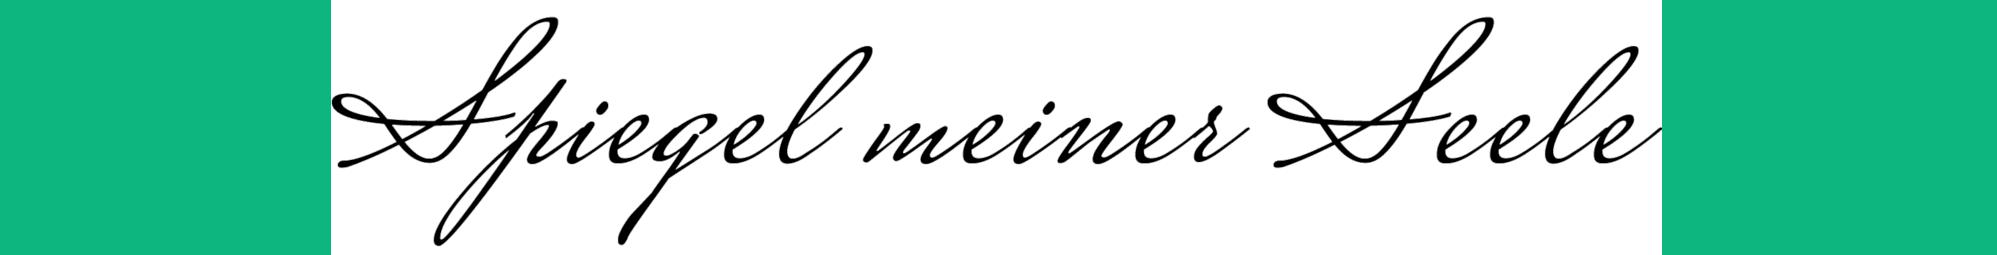 Spiegel meiner Seele Logo